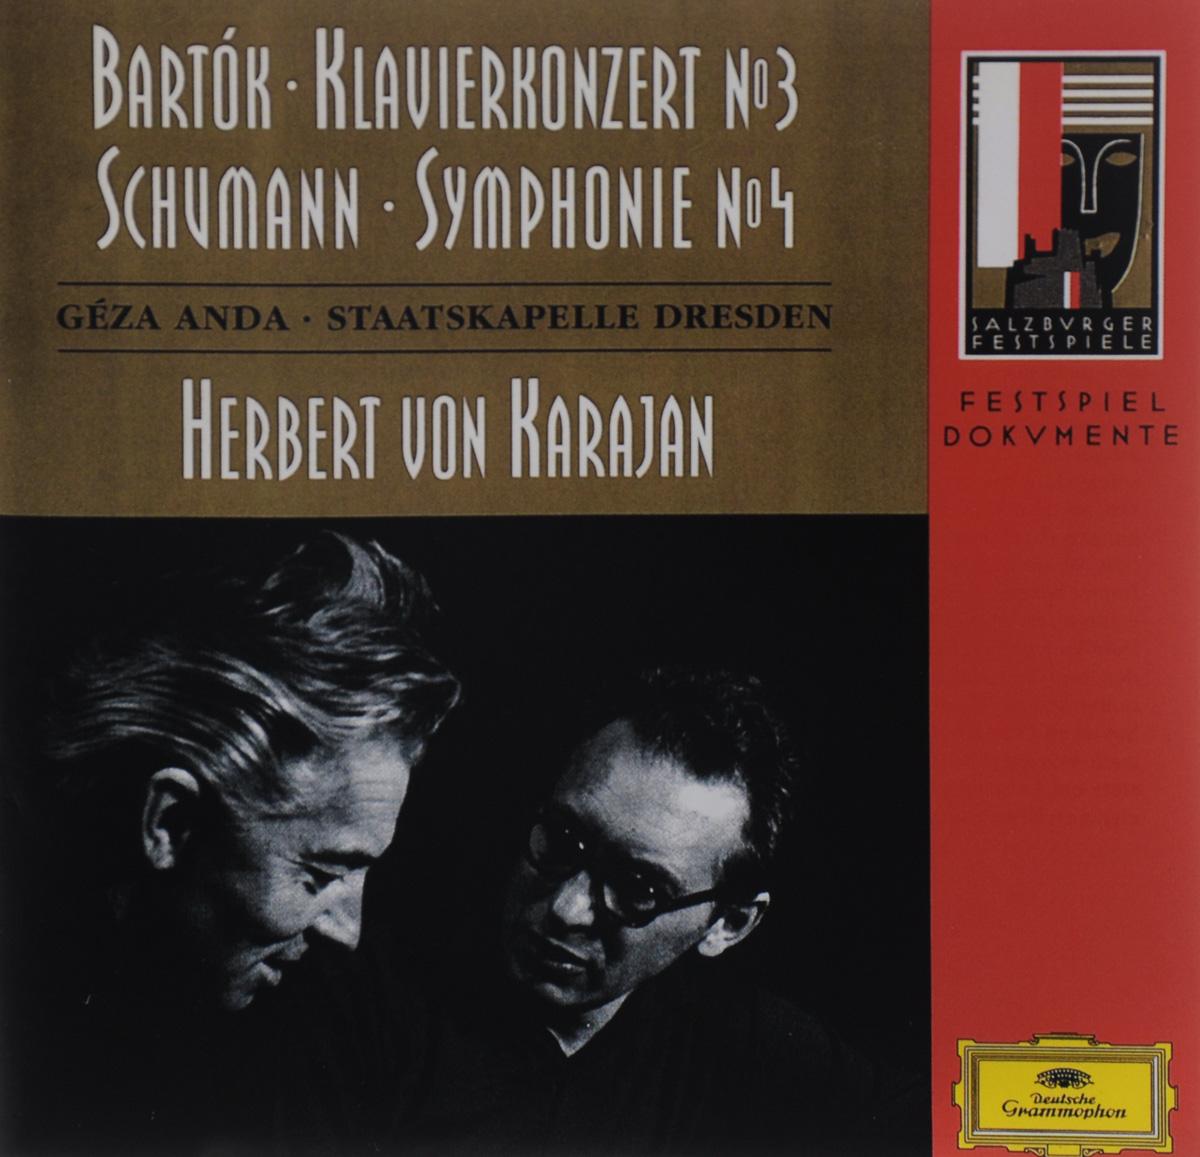 Геза Анда,Staatskapelle Dresden Herbert von Karajan. Bartok. Klavierkonzert №3 / Schumann. Symphonie №4 цена в Москве и Питере